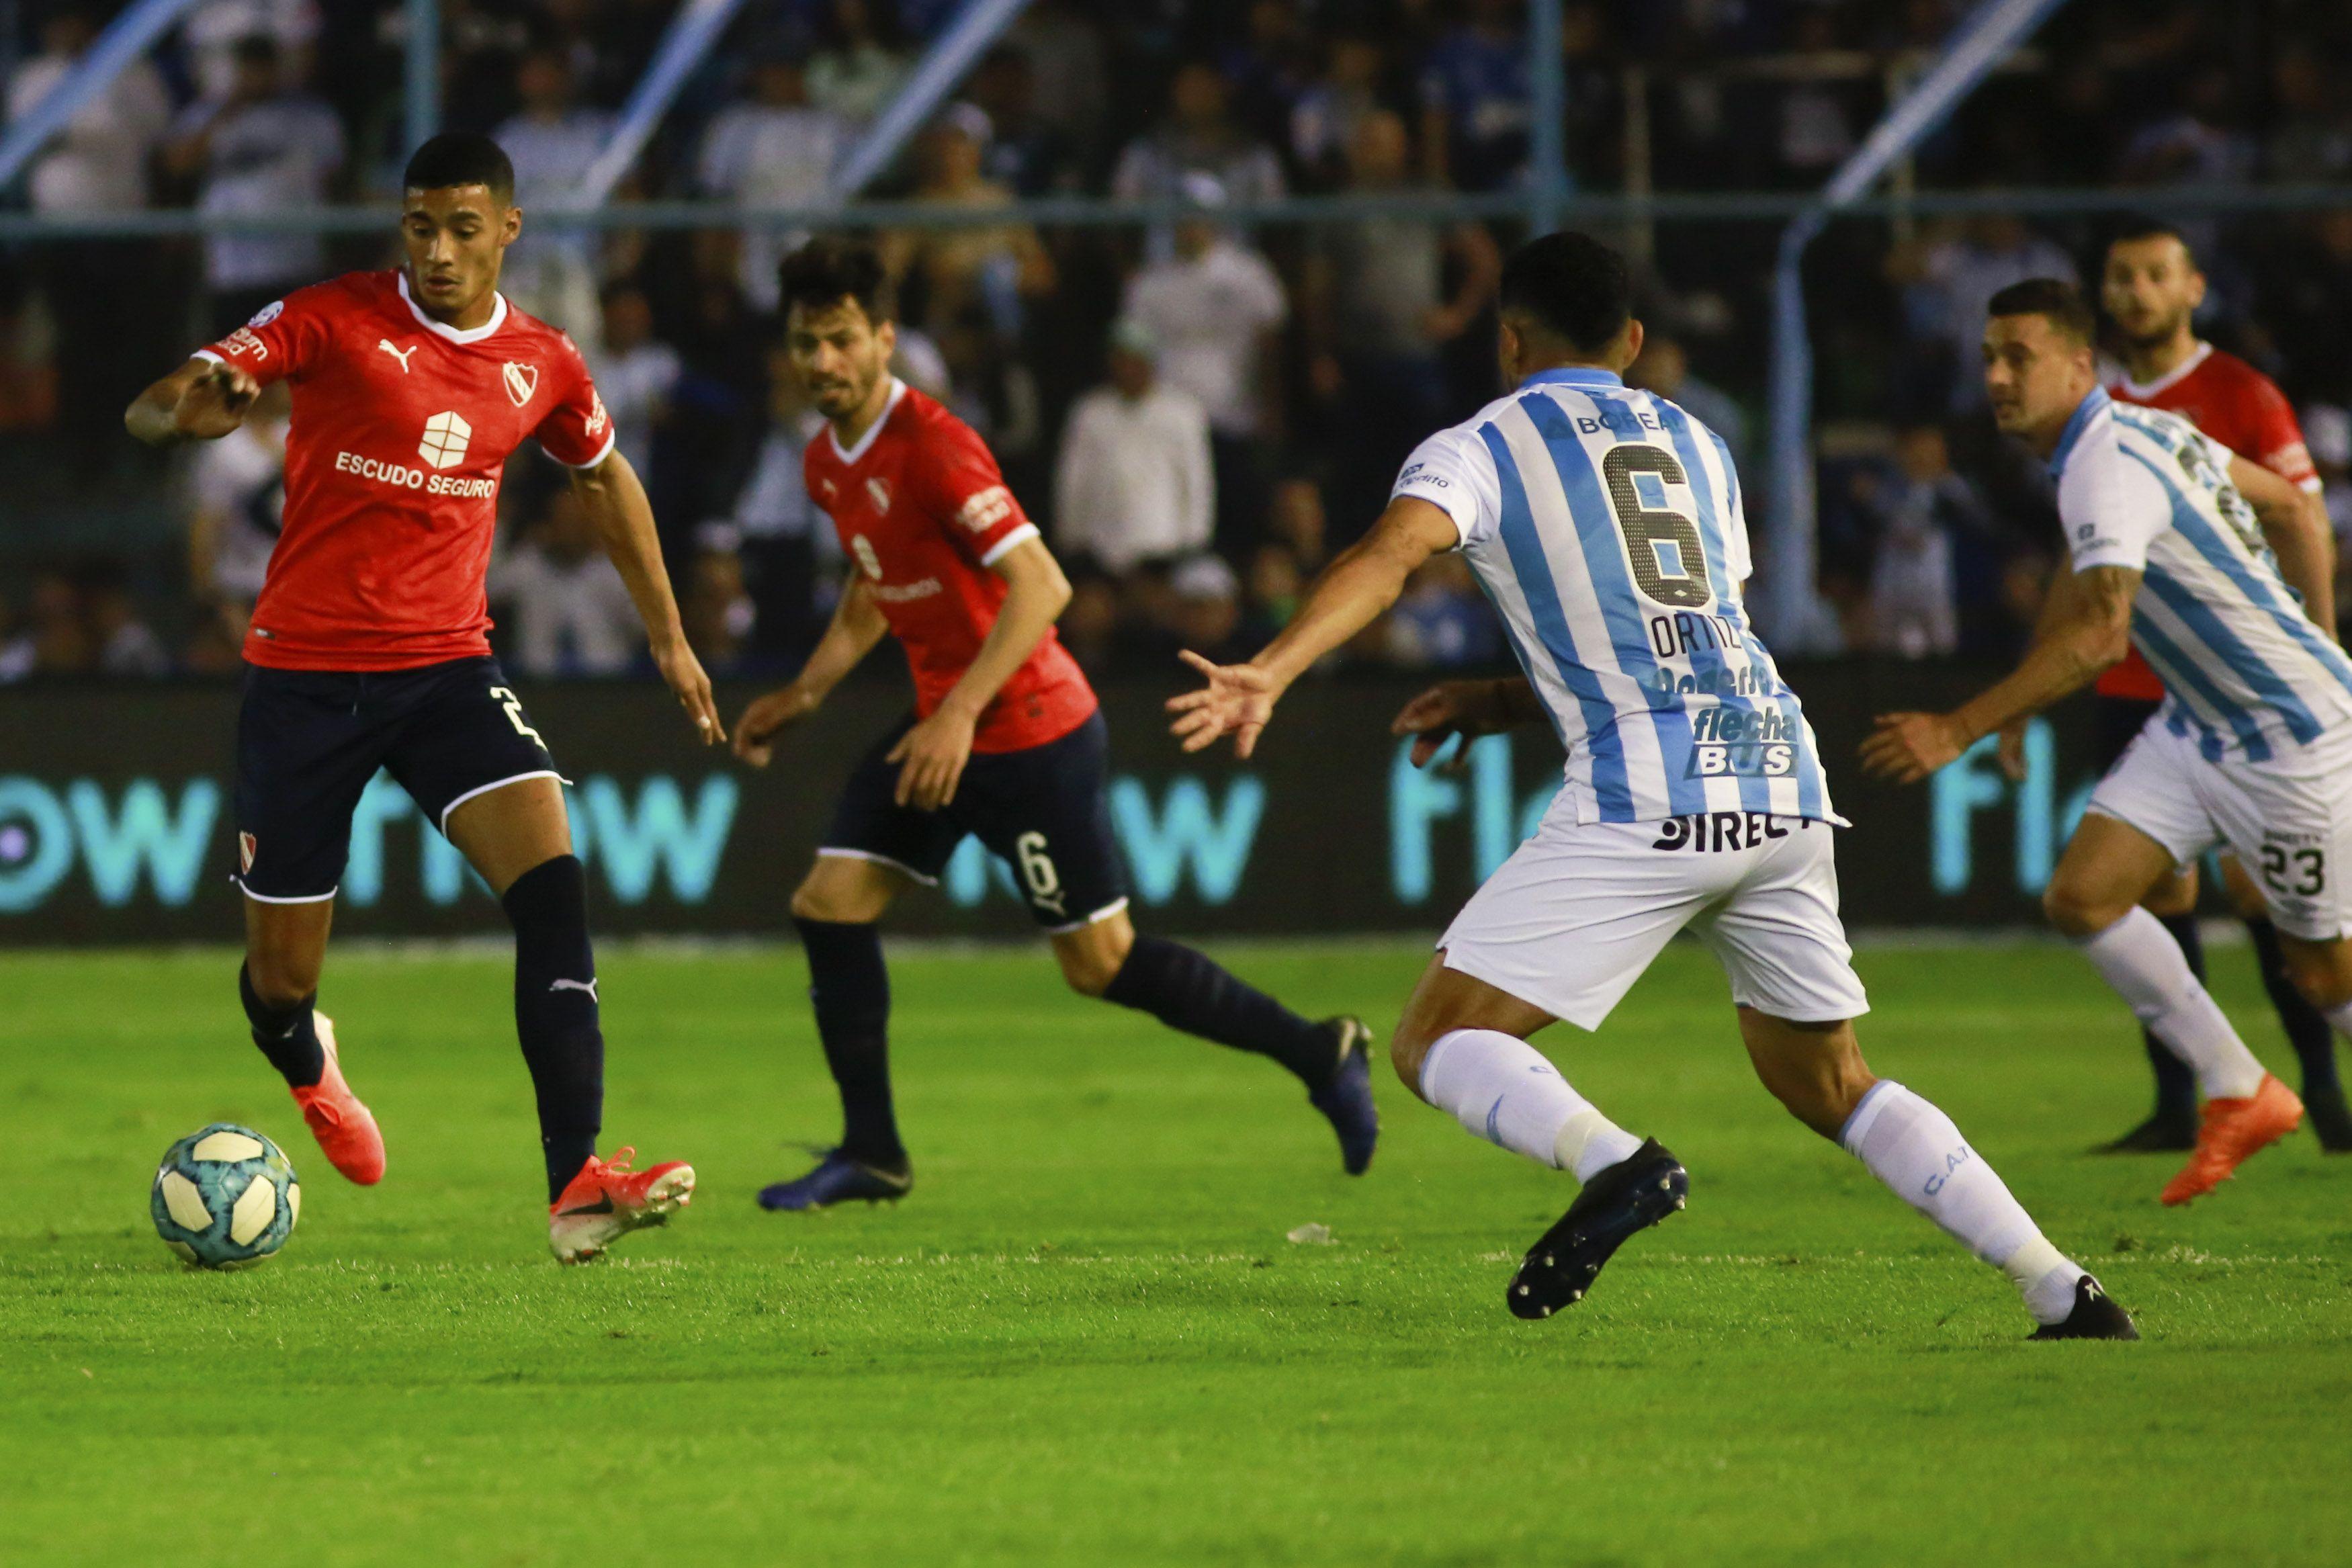 Independiente le ganó a Atlético Tucumán y dio el primer paso para salir de la crisis